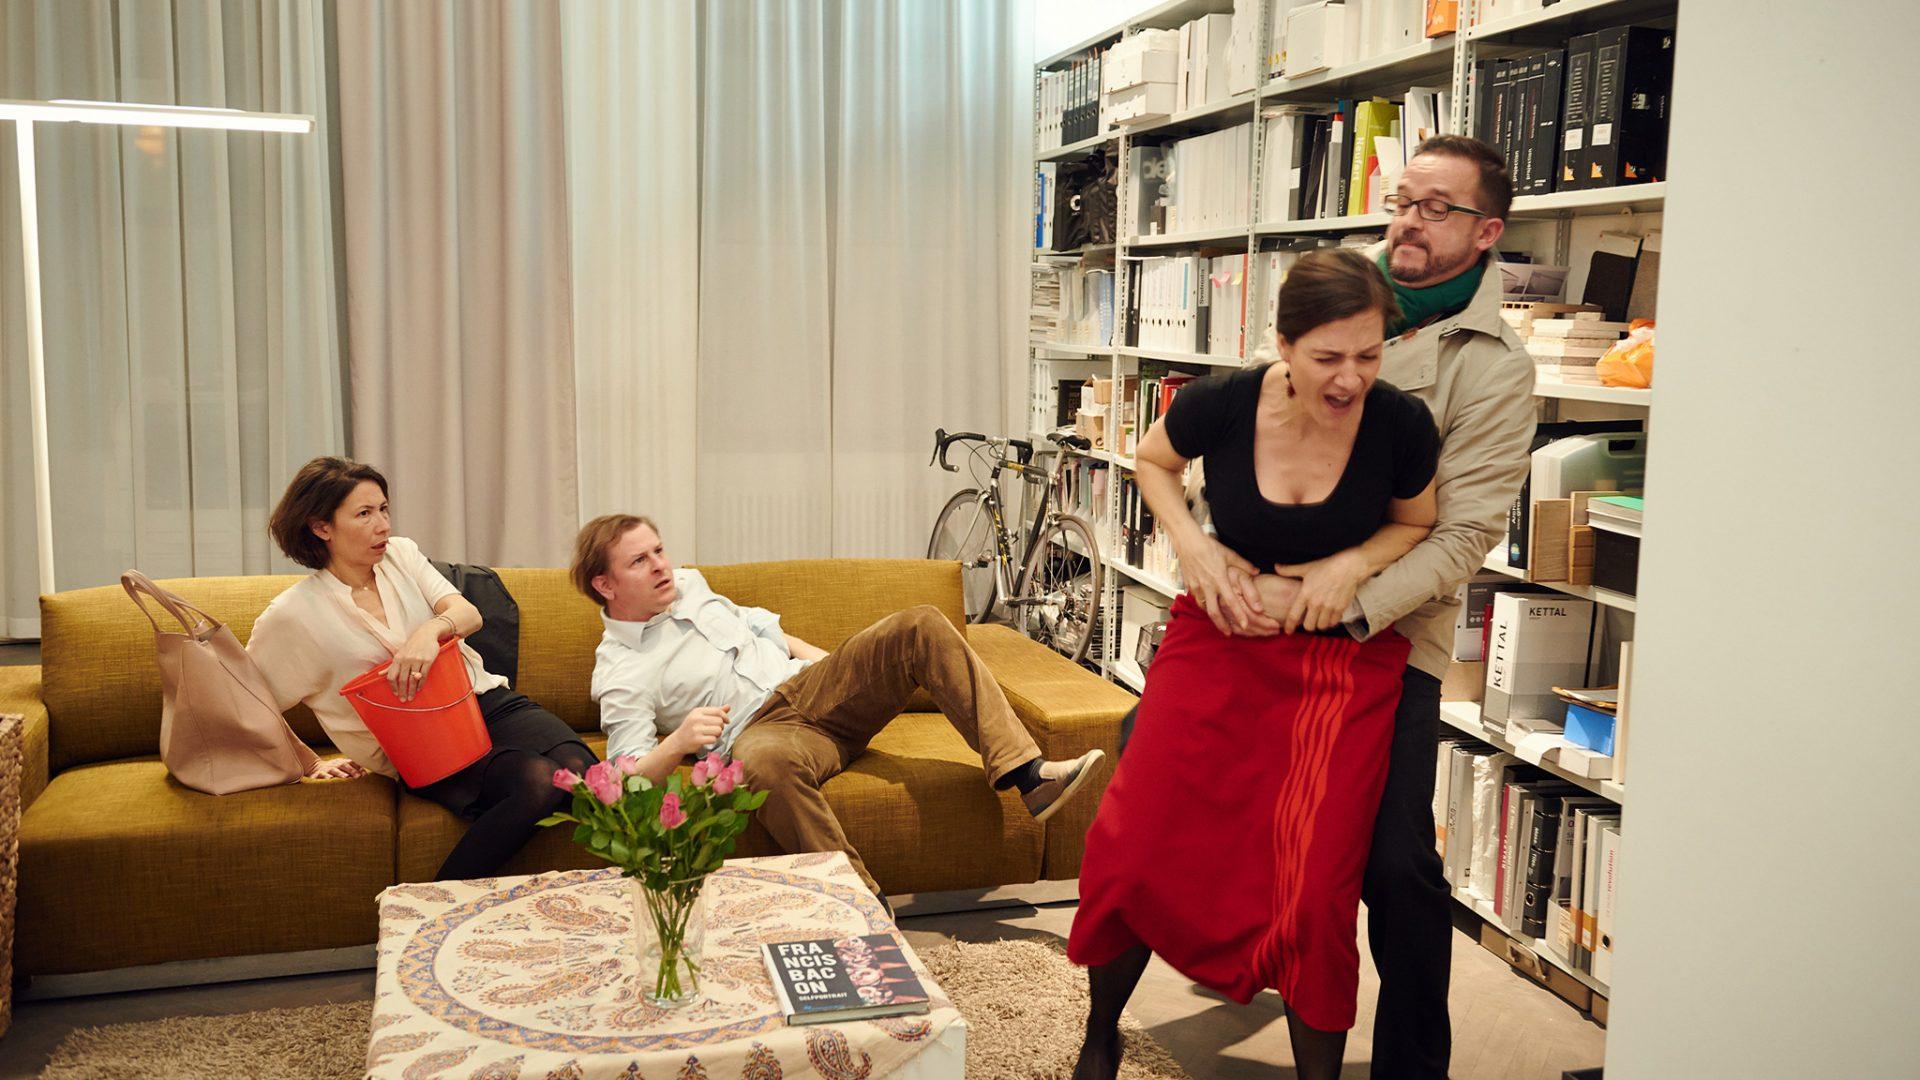 theater-im-wohnzimmer-entertainment-zuhause-salon-04